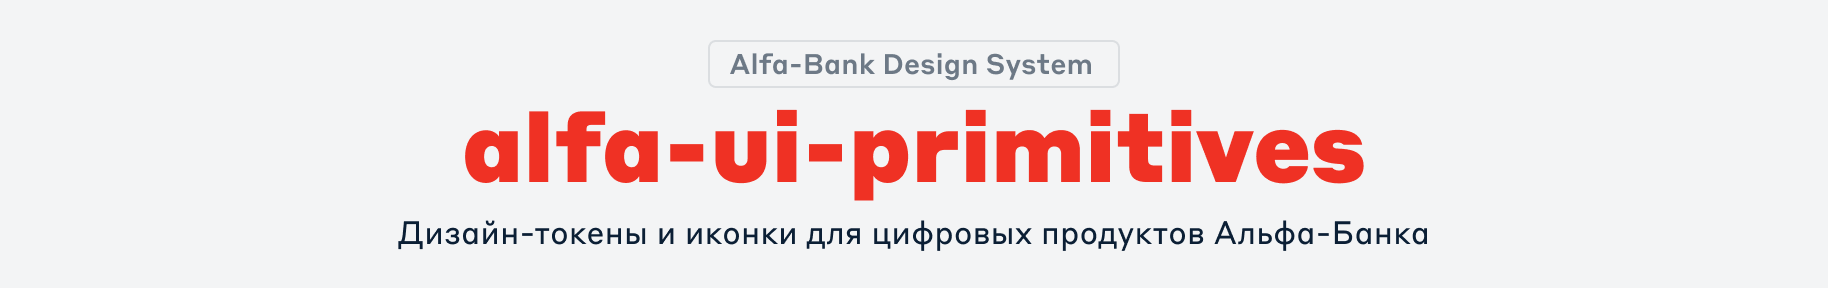 Дизайн-токены и иконки для цифровых продуктов Альфа-Банка